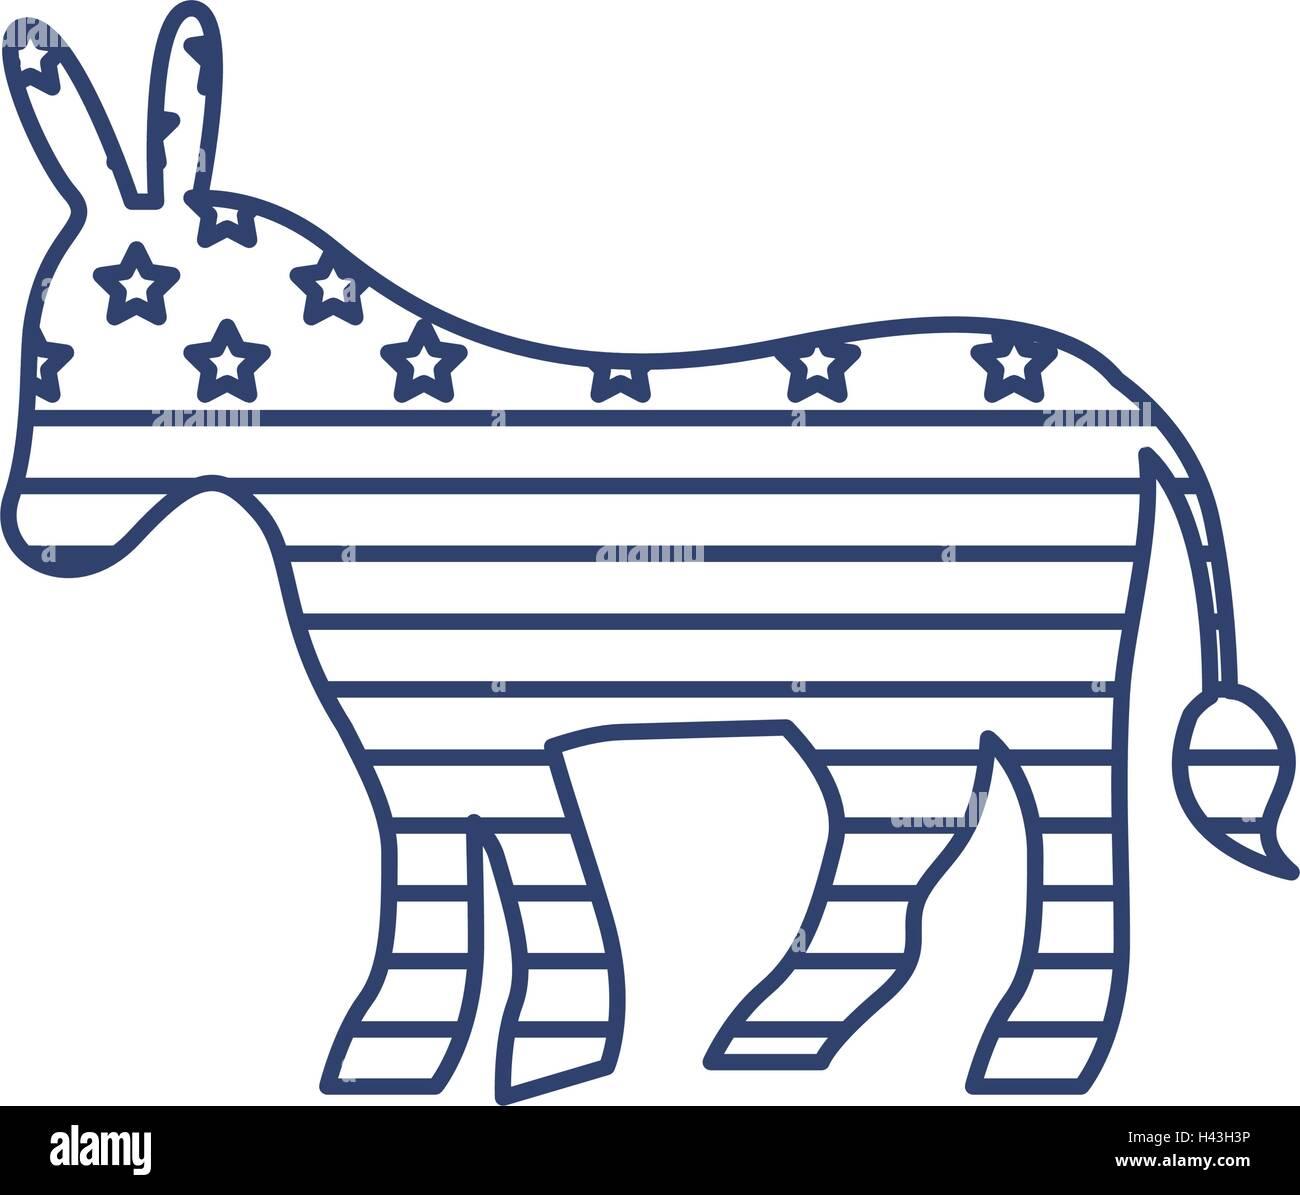 silhouette donkey flag united states - Stock Image